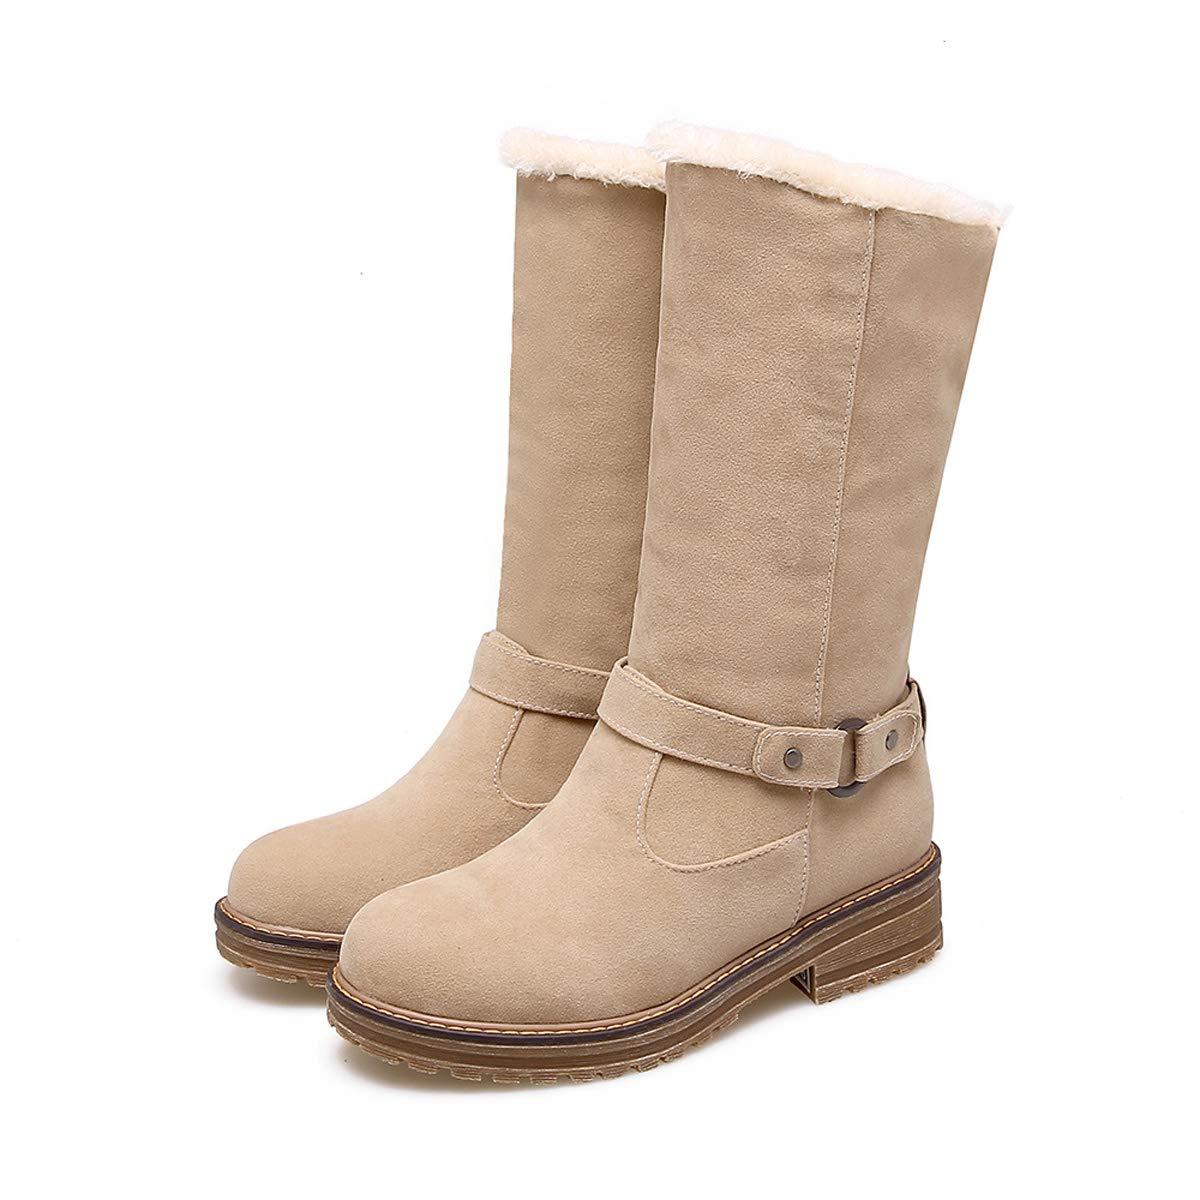 DANDANJIE Schnee Stiefel damen Winter Wasserdichte warme Stiefel C Outdoor Walking Rutschfeste Schuhe C Stiefel 41EU 45d07d